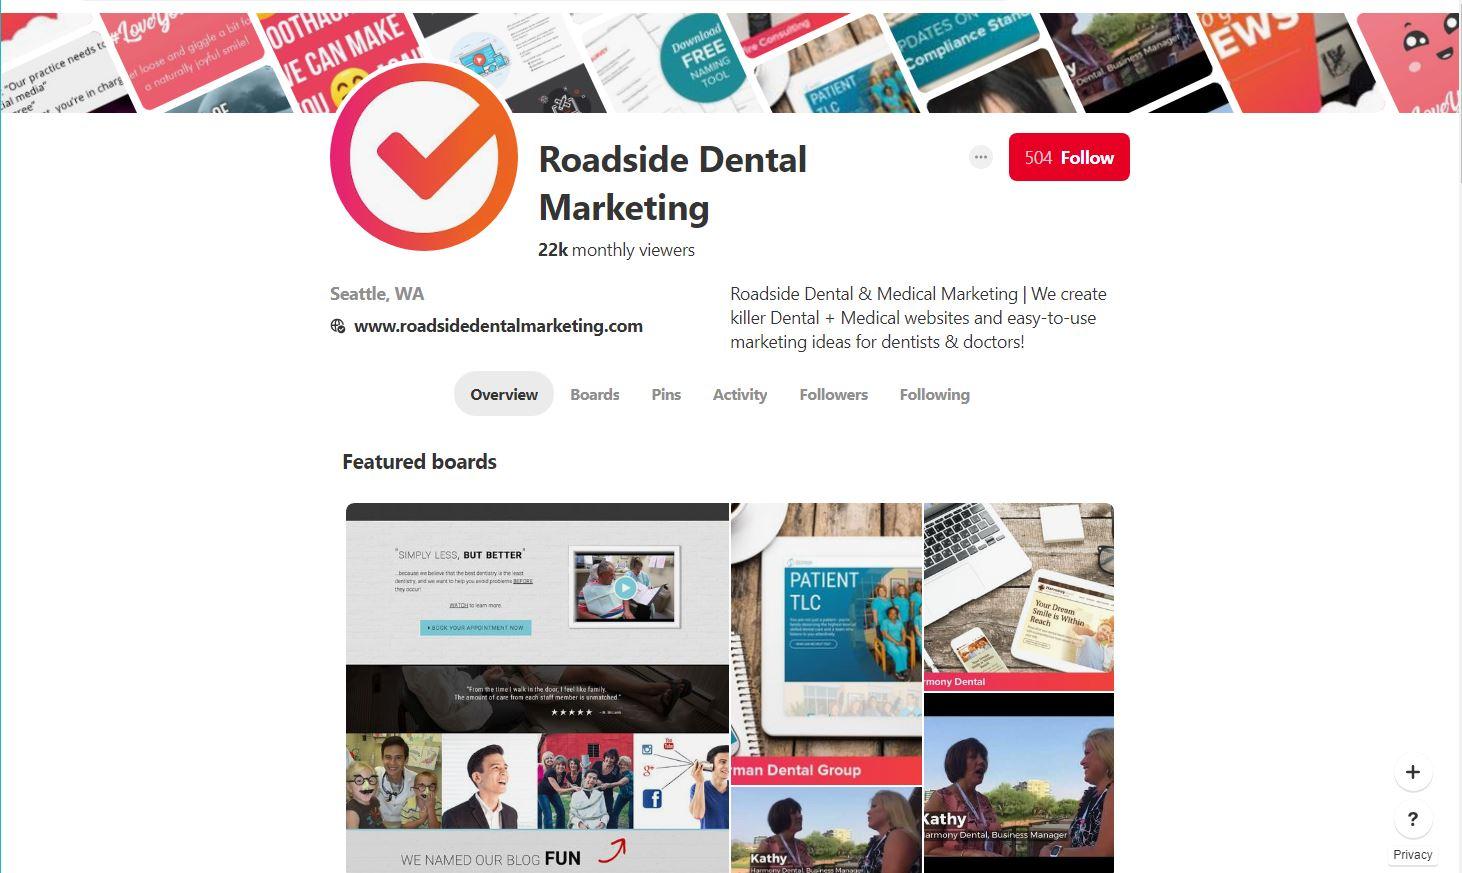 Roadside's Pinterest page